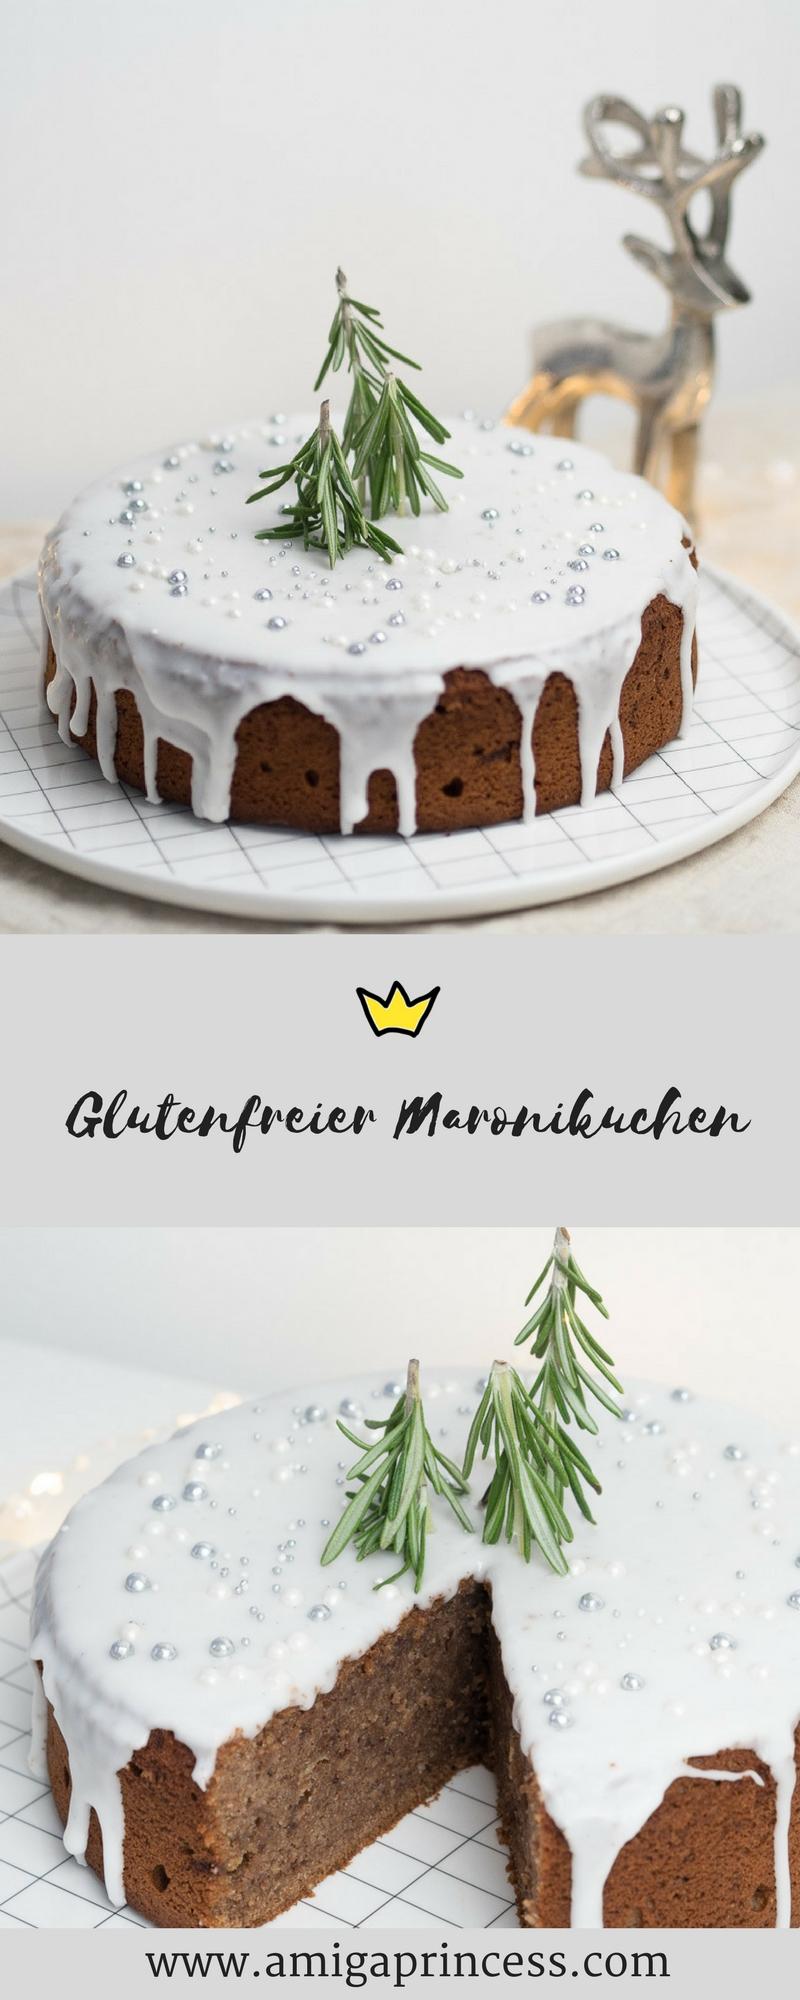 Glutenfreier Maronikuchen 11